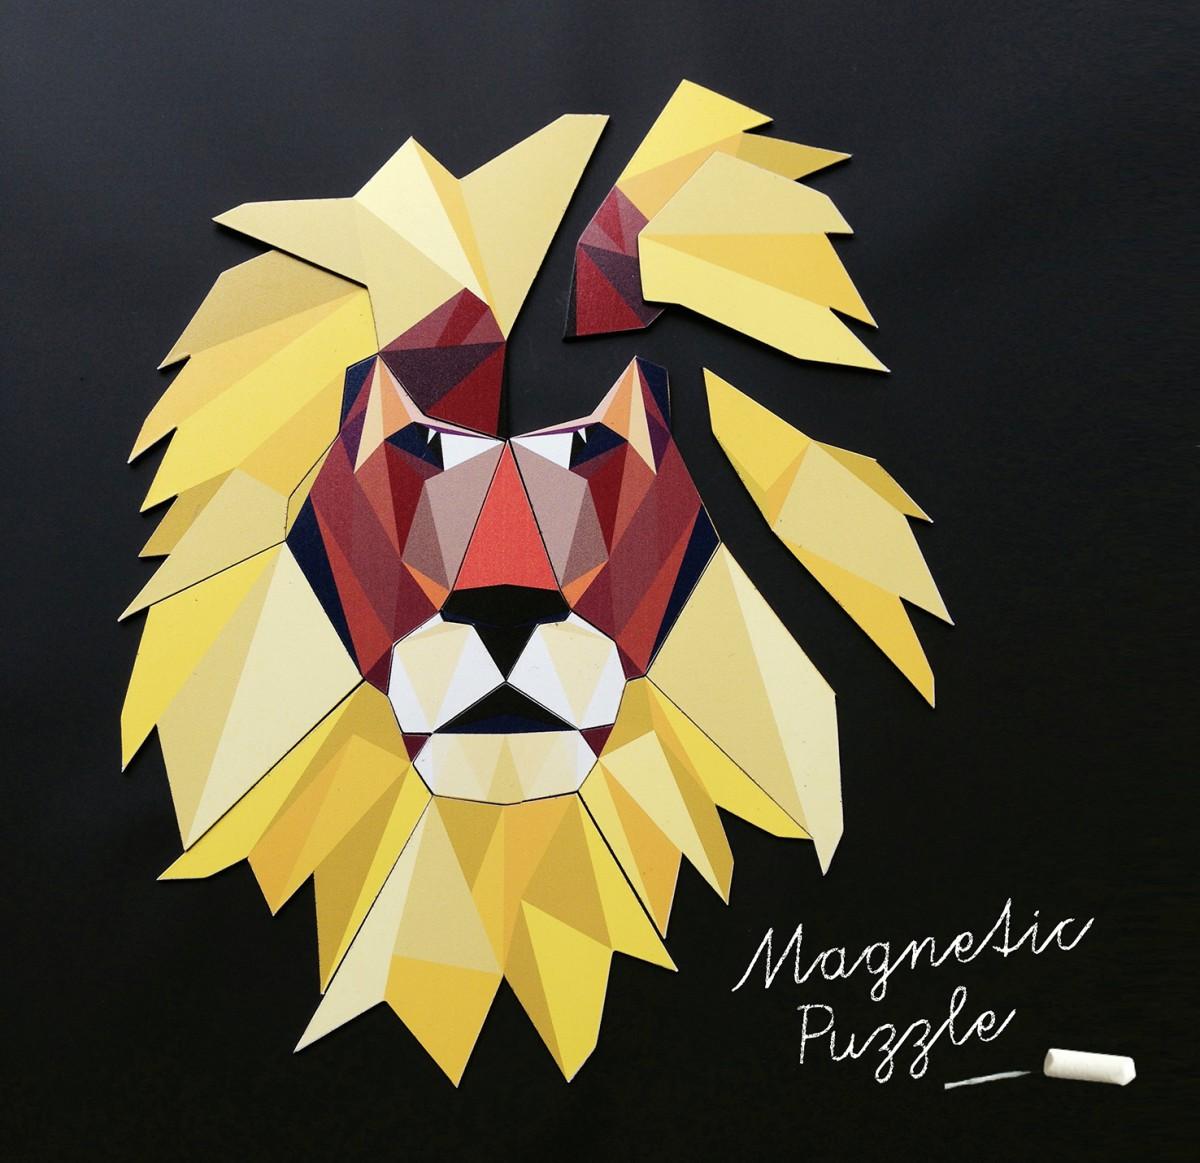 Magneetsticker